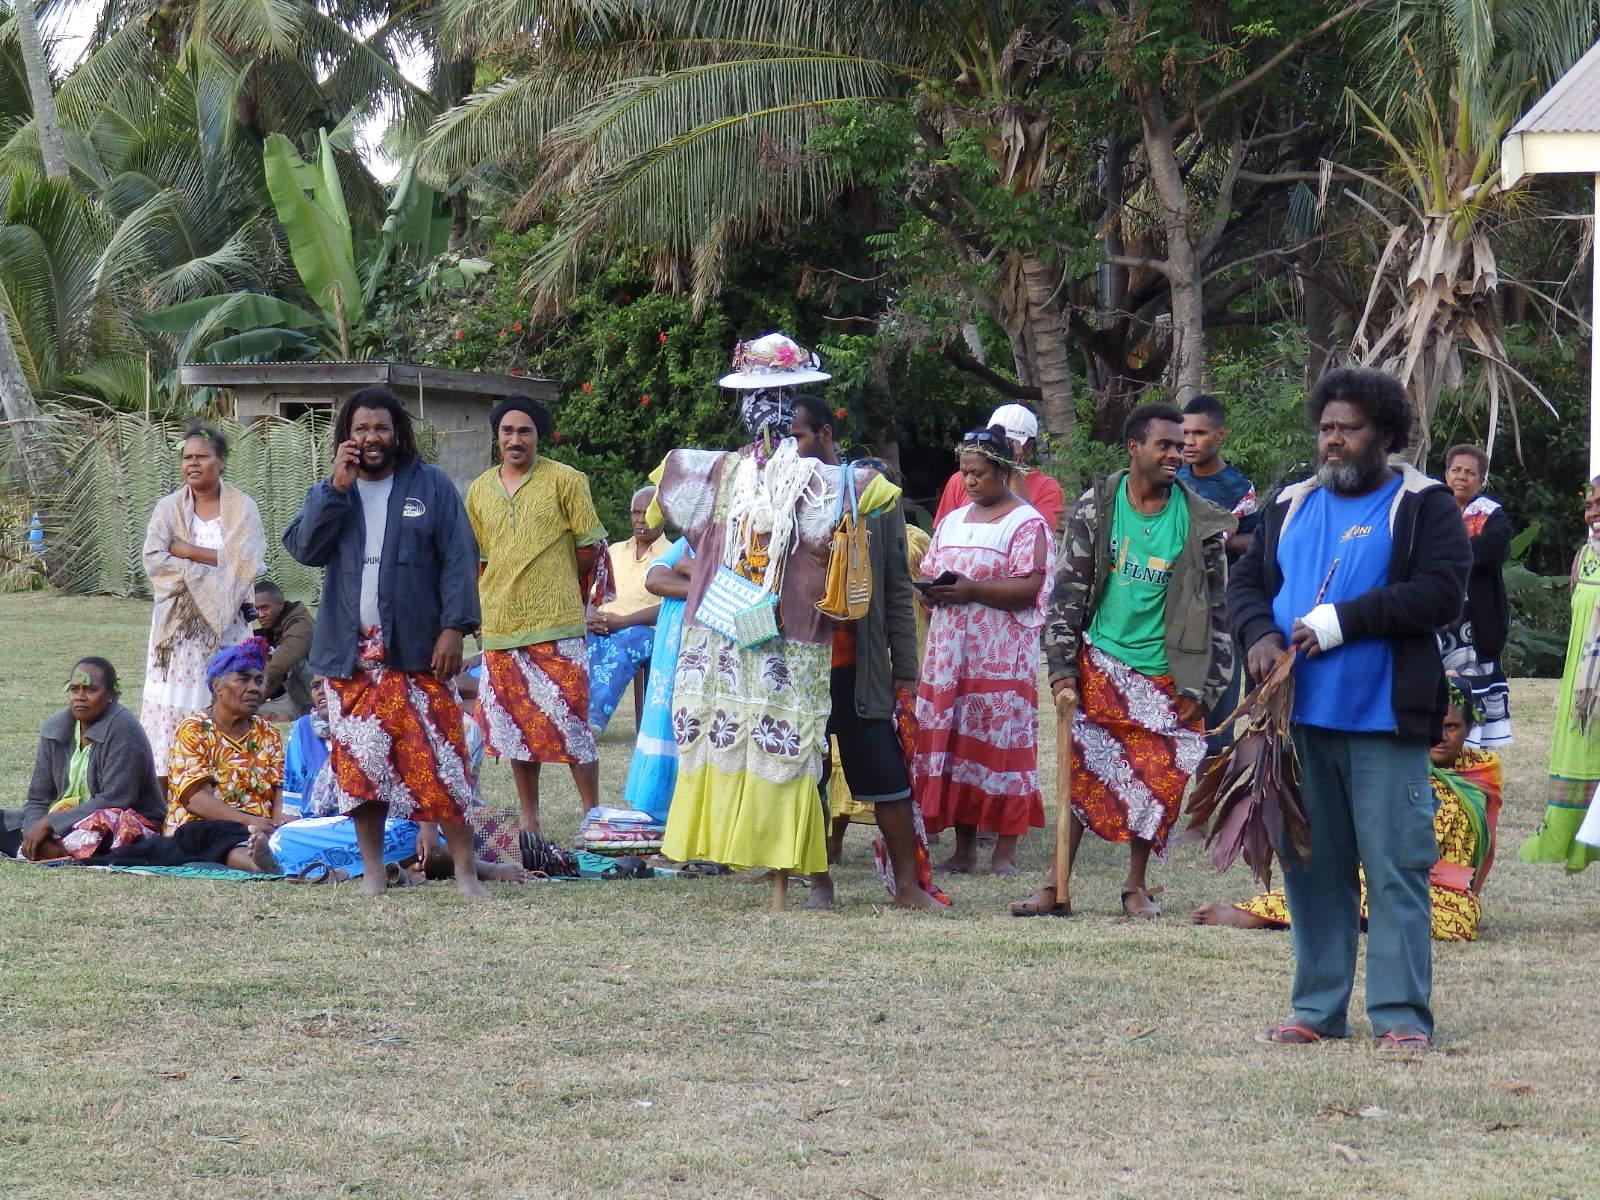 Les paroisses des îlots ont accueilli la fille de Thiic. La pentecôte se fêtera en 2010 à la paroisse de Tââlô